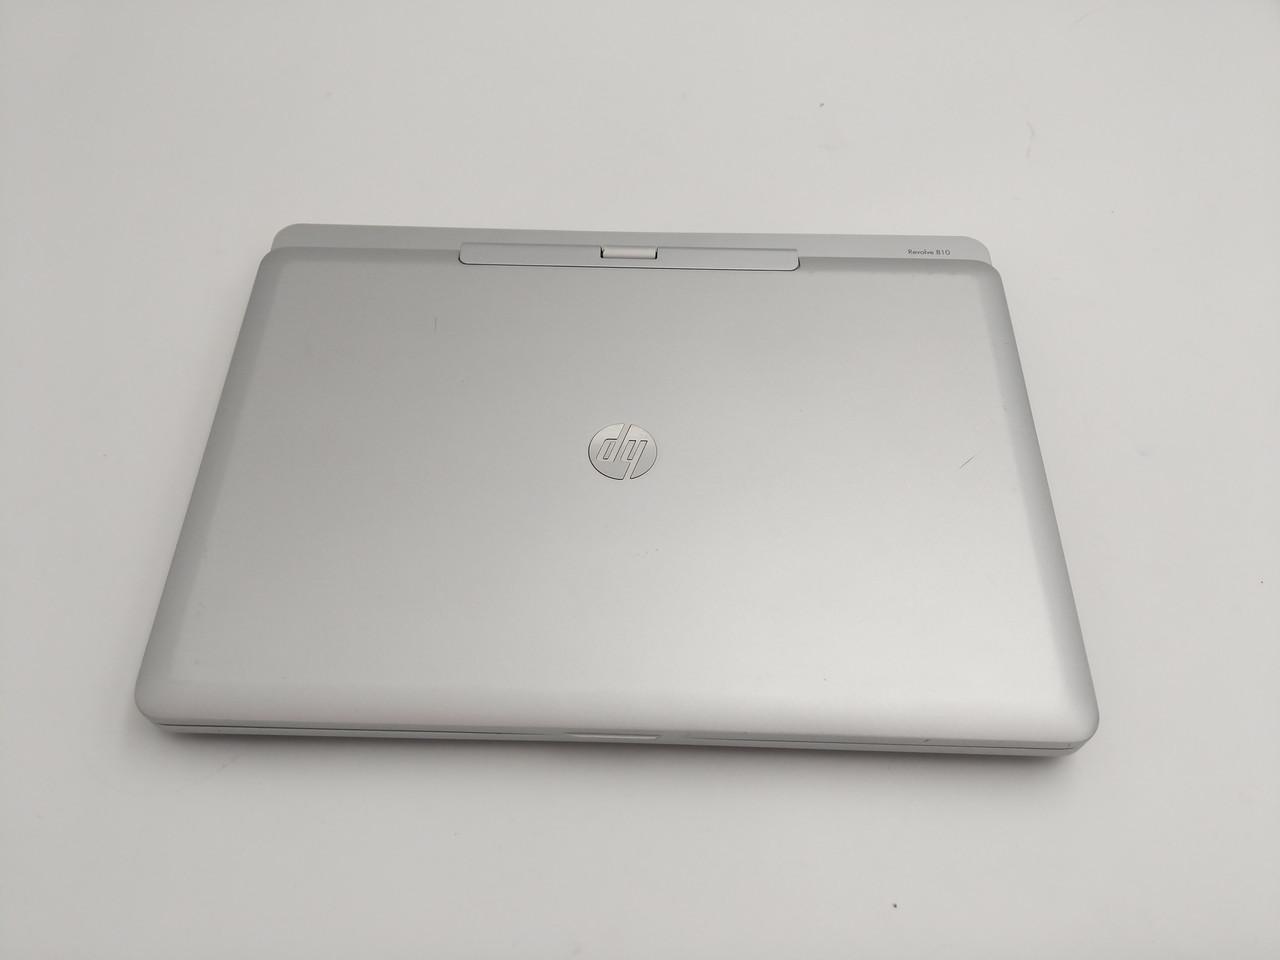 Б/У HP Elitebook Revolve 810 G1 11,6″  i5-3437U /DDR3 8 Gb /SSD Нет в наличии 2